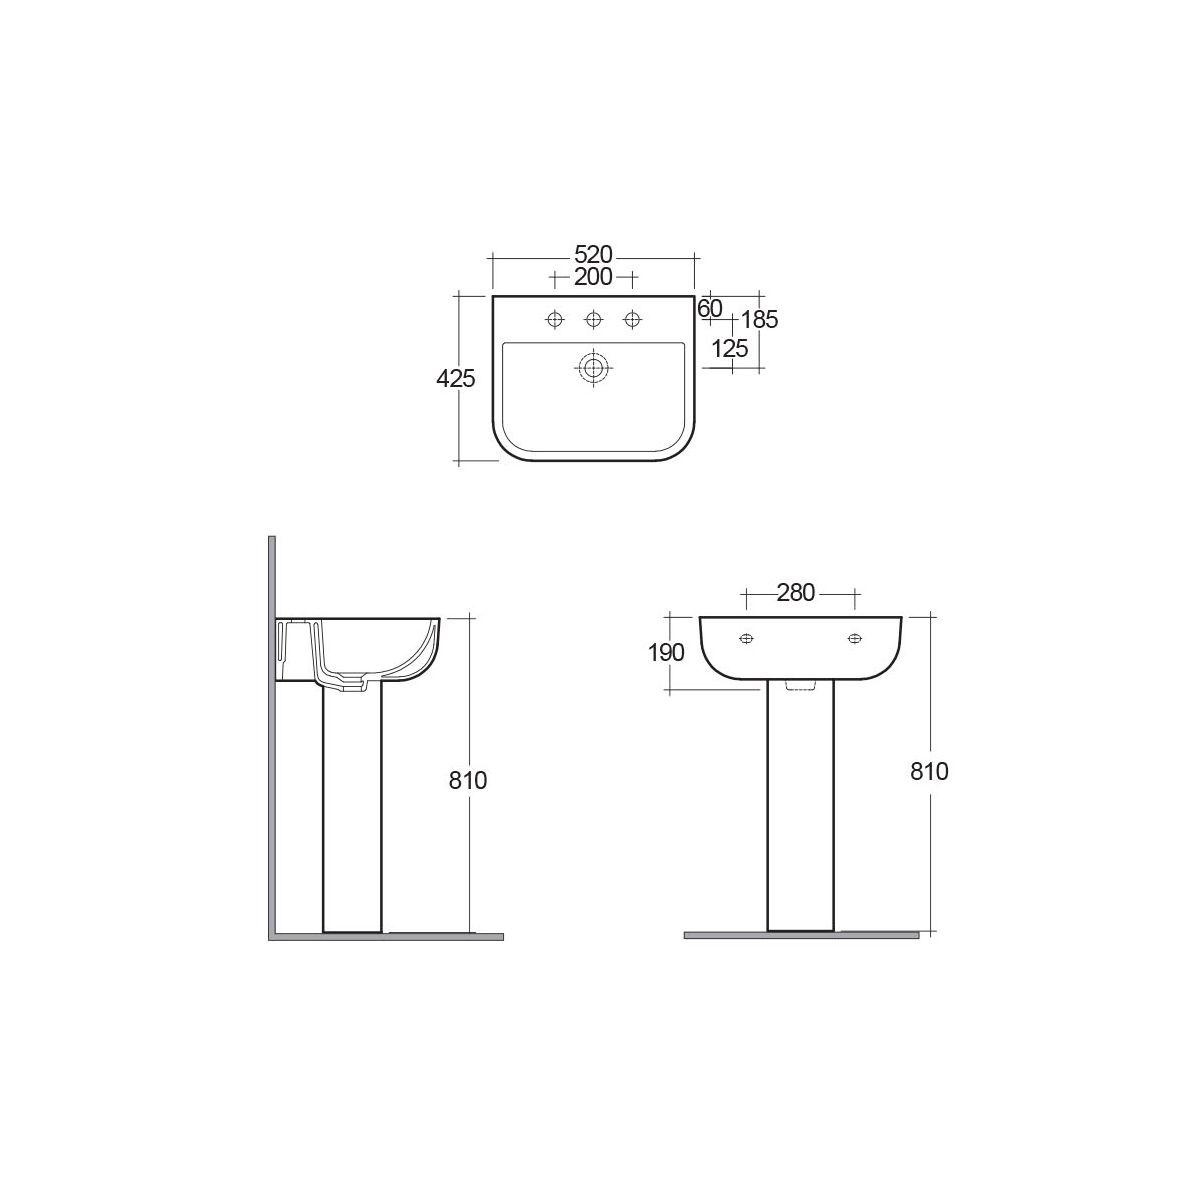 RAK Series 600 Basin with Full Pedestal Dimensions